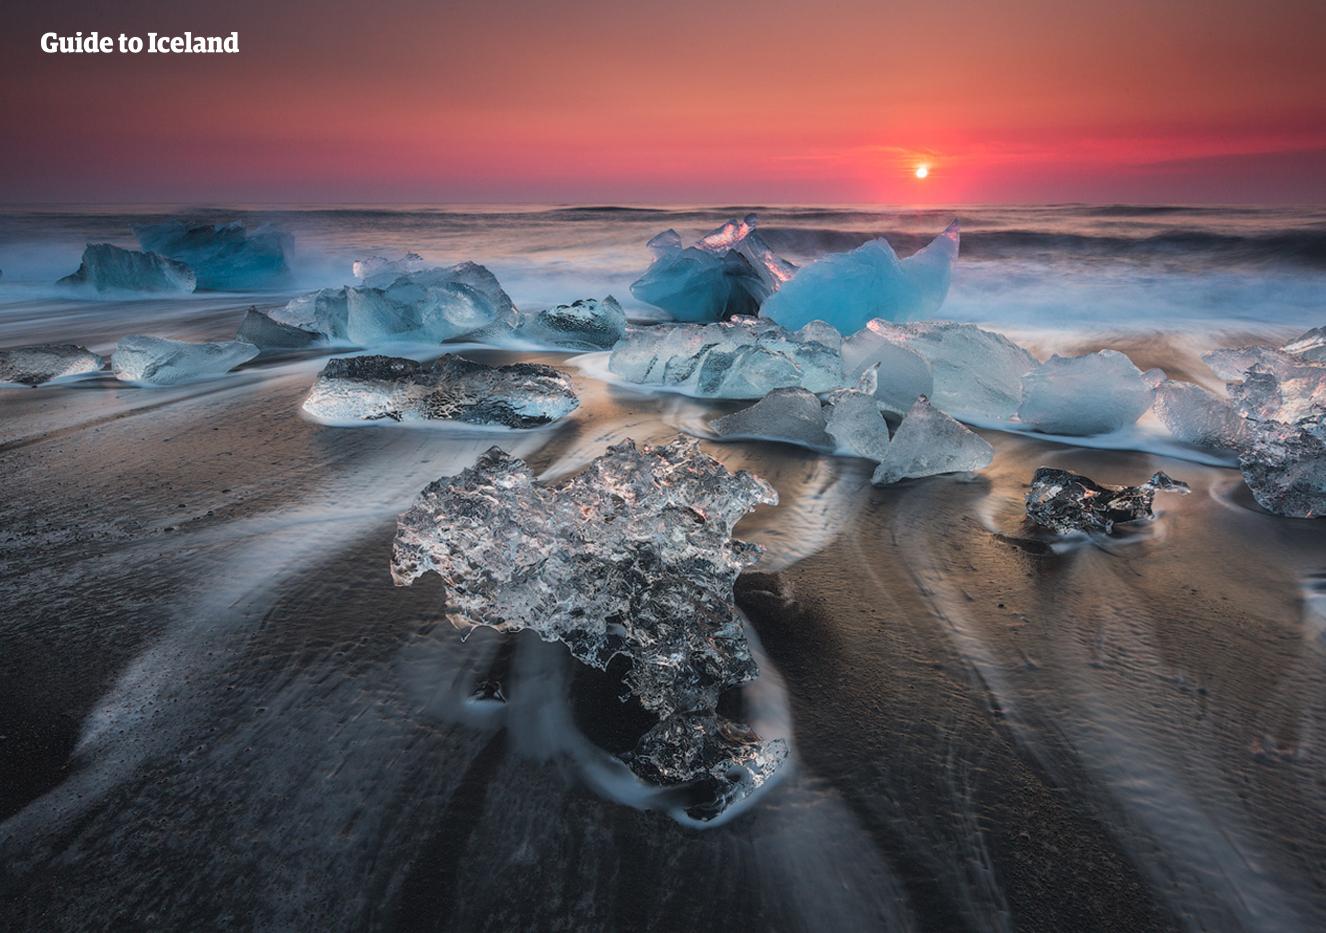 冰岛南岸的钻石冰沙滩是摄影师最喜爱的冰岛景点之一